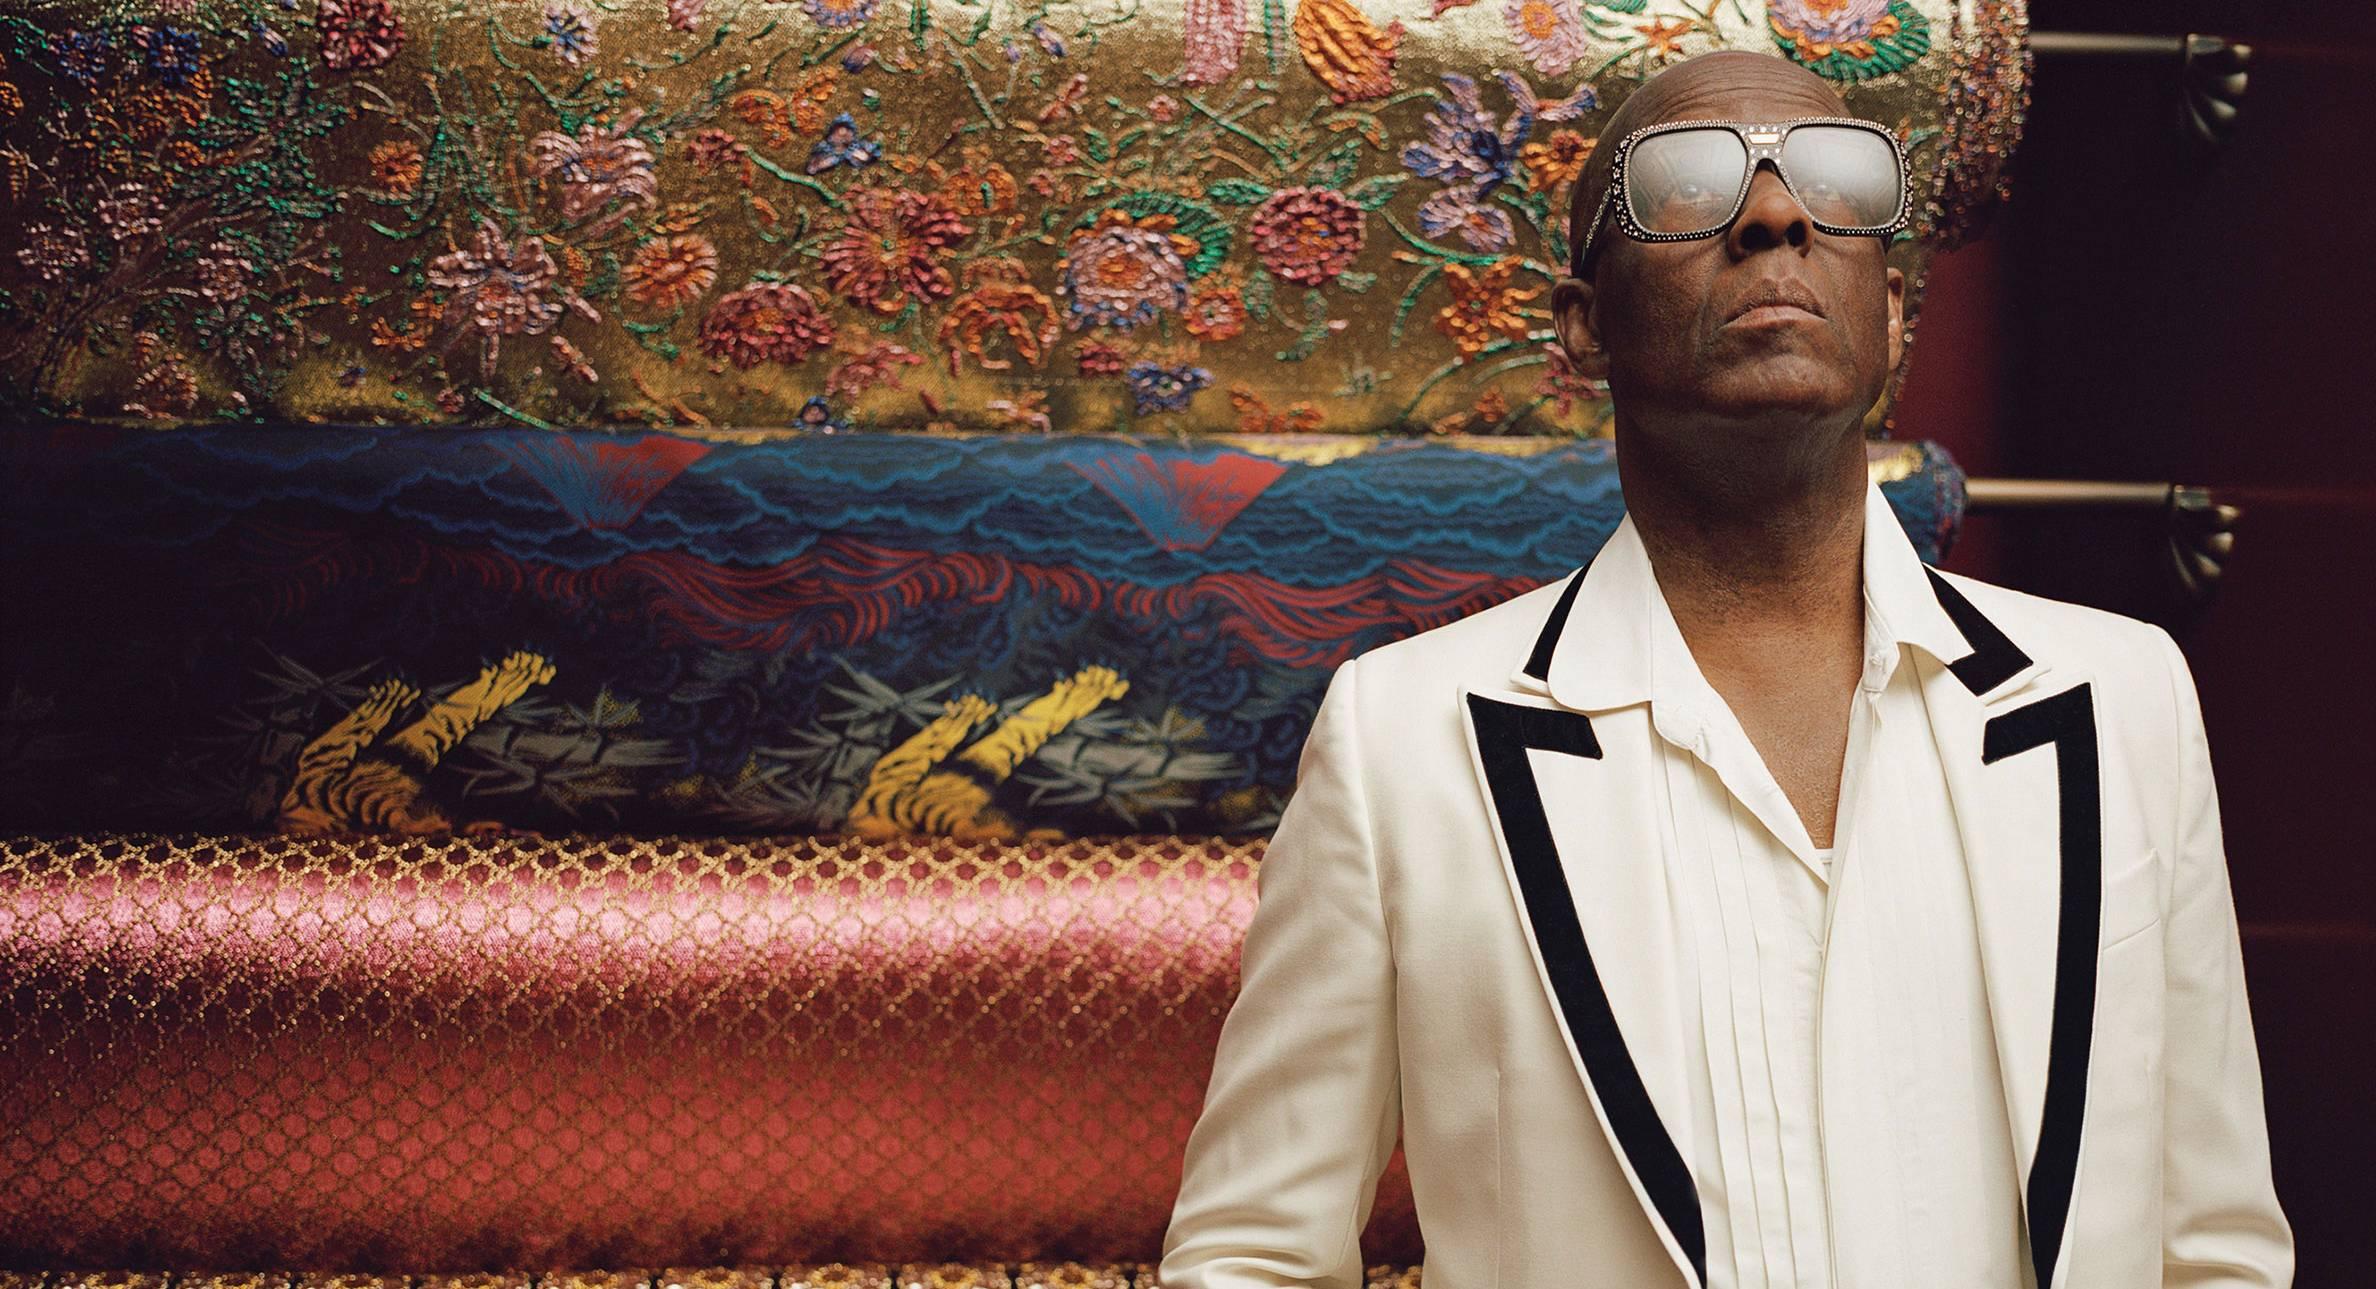 80年代〜NYストリート・ファッションを席巻したダッパー・ダン驚愕のライフ・ストーリー【3/3】